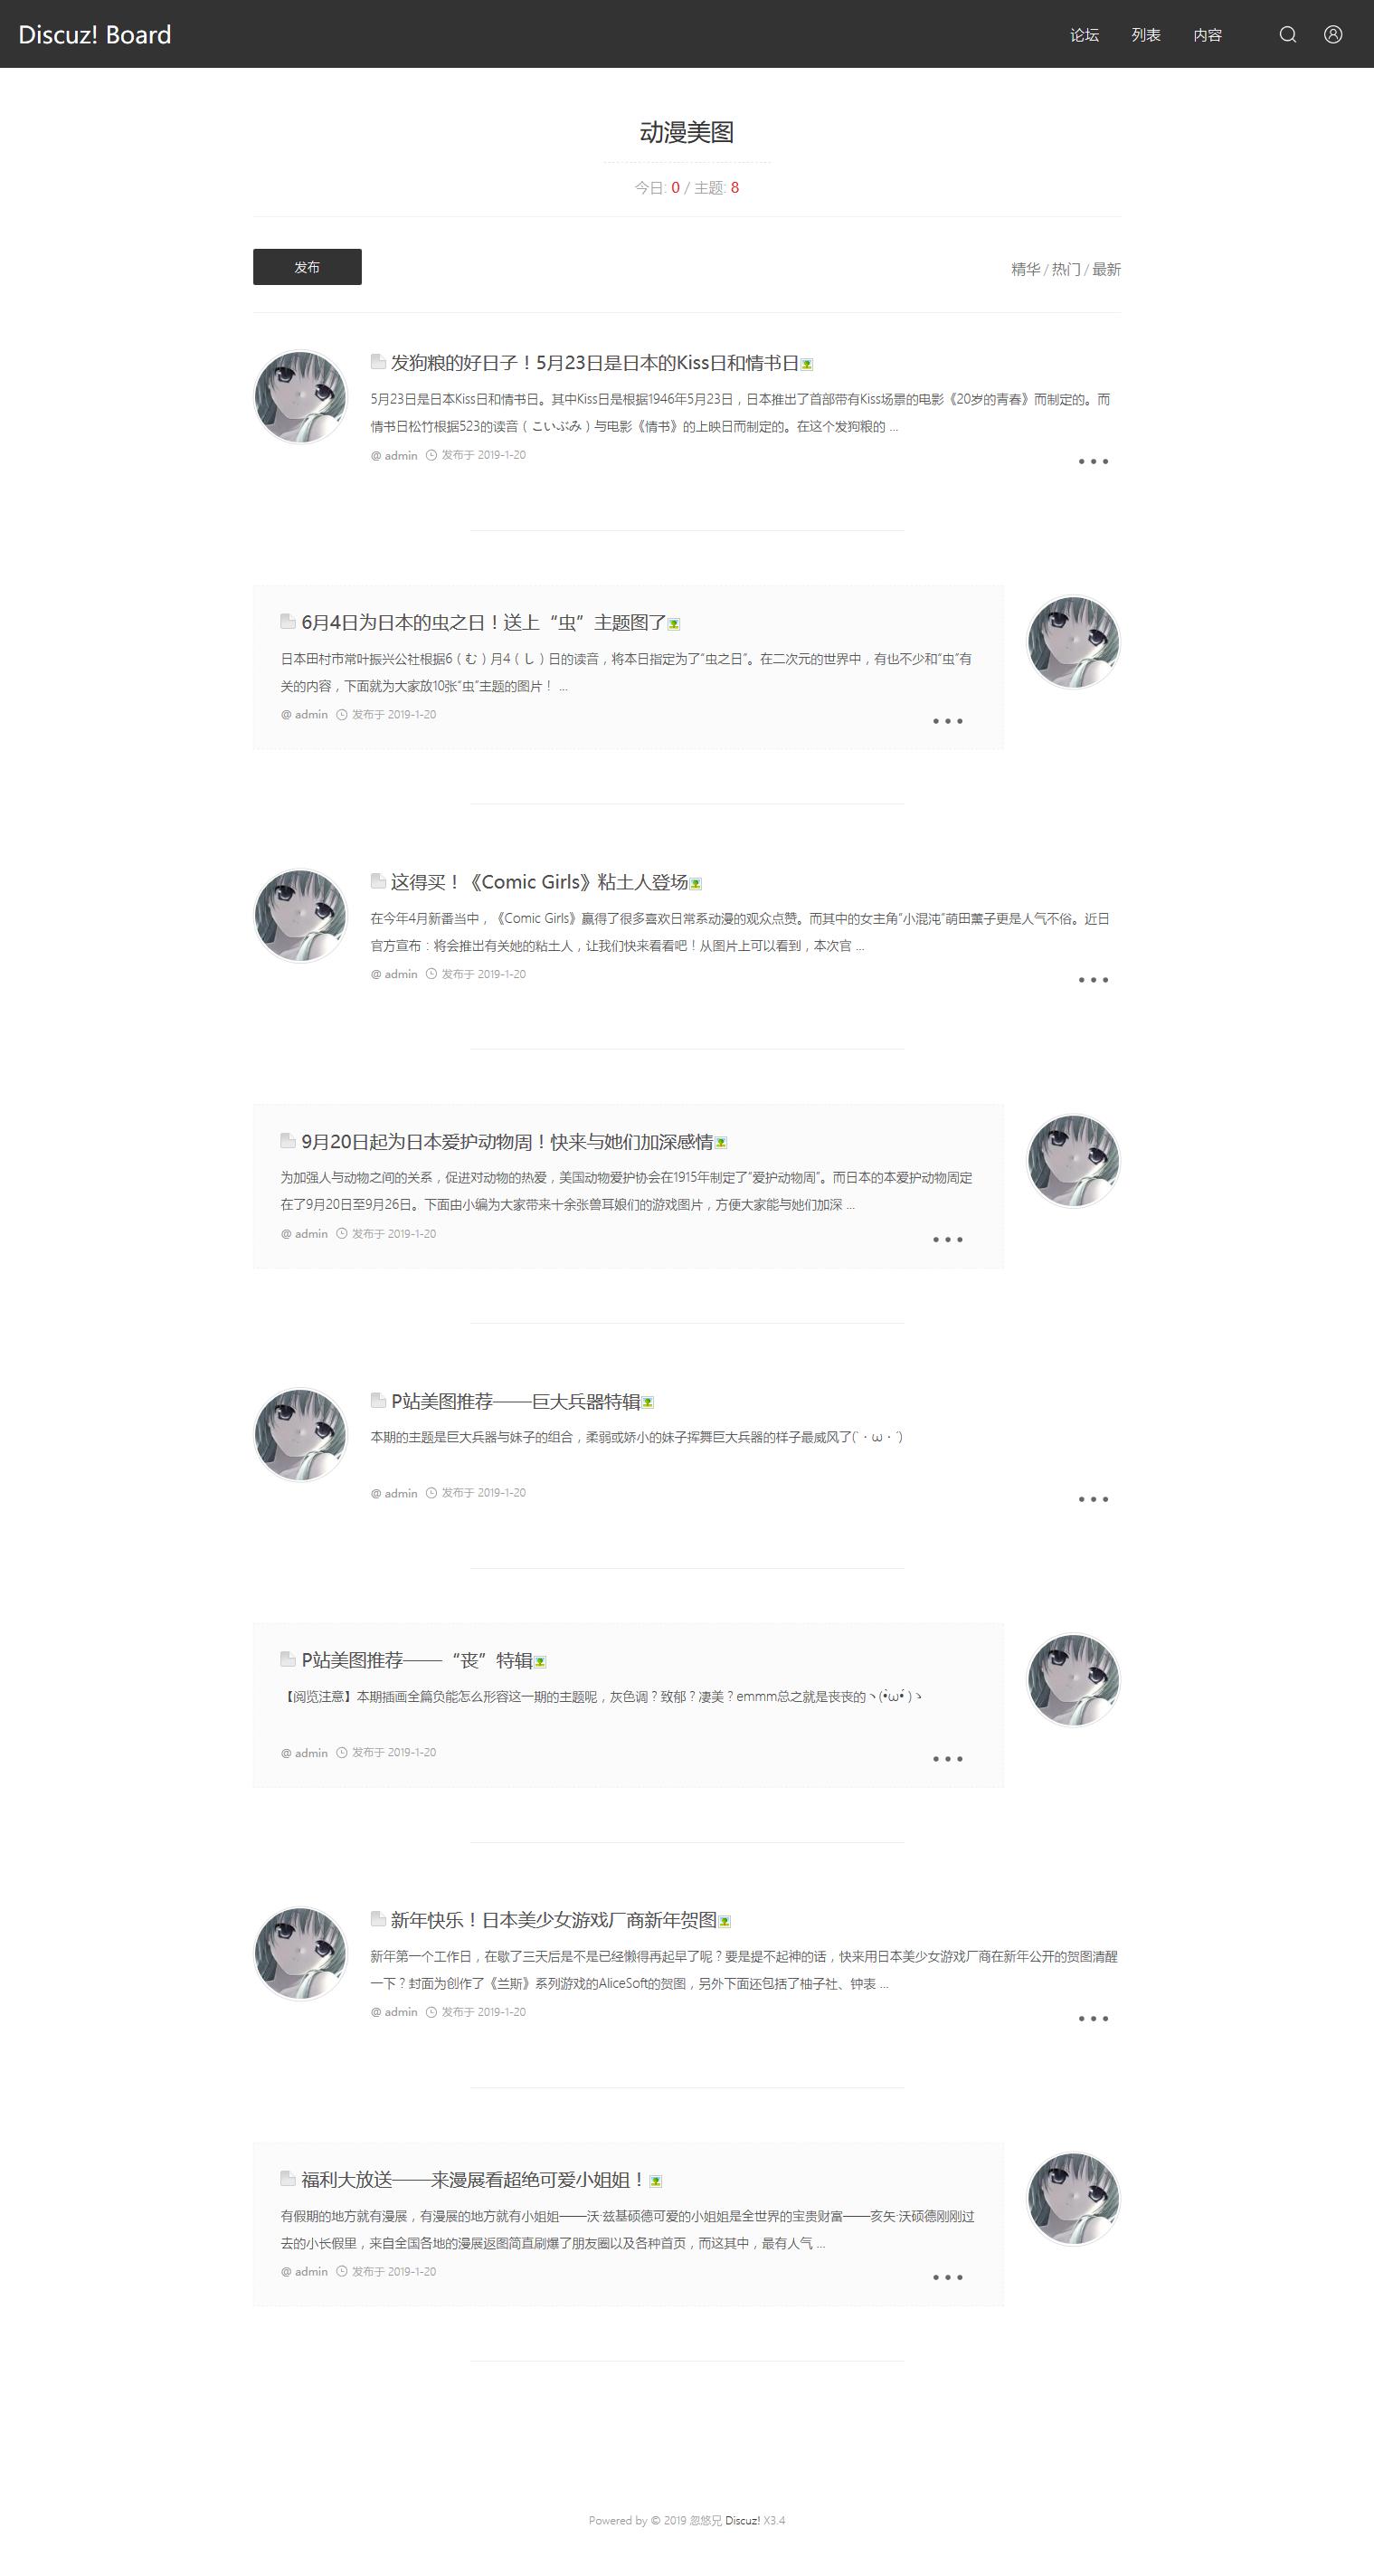 #博客模板#Discuz简单却很强大的二次元博客模板